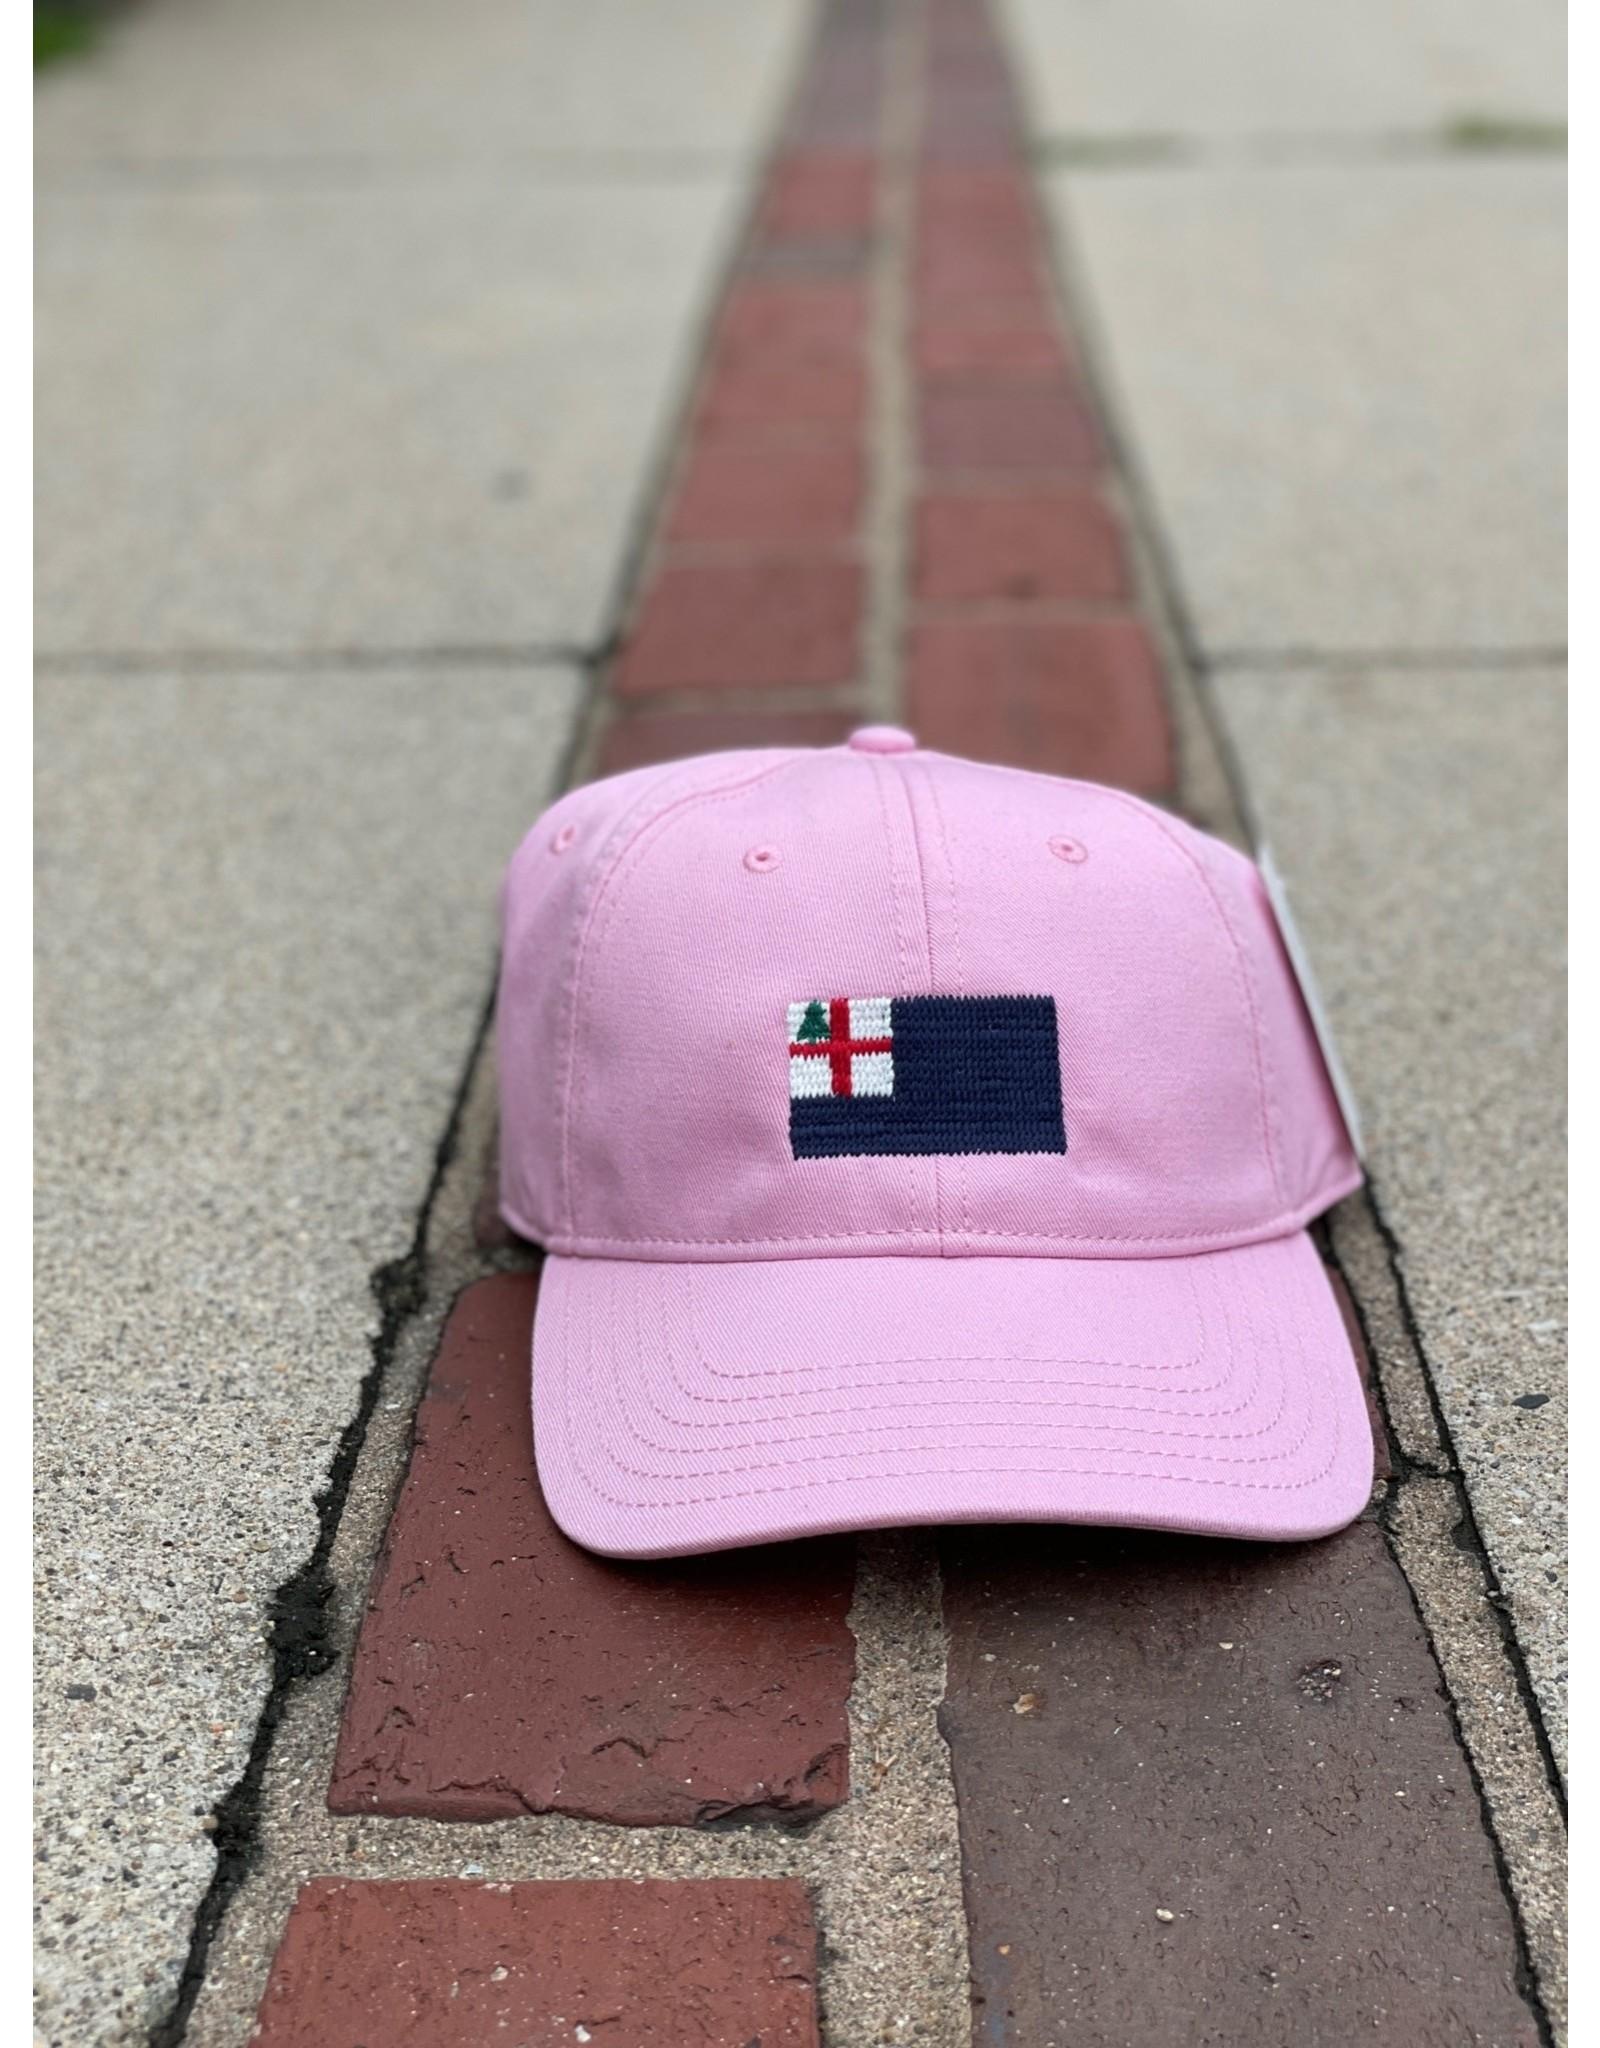 Harding Lane Bunker Hill Flag Hat - Adult Pink